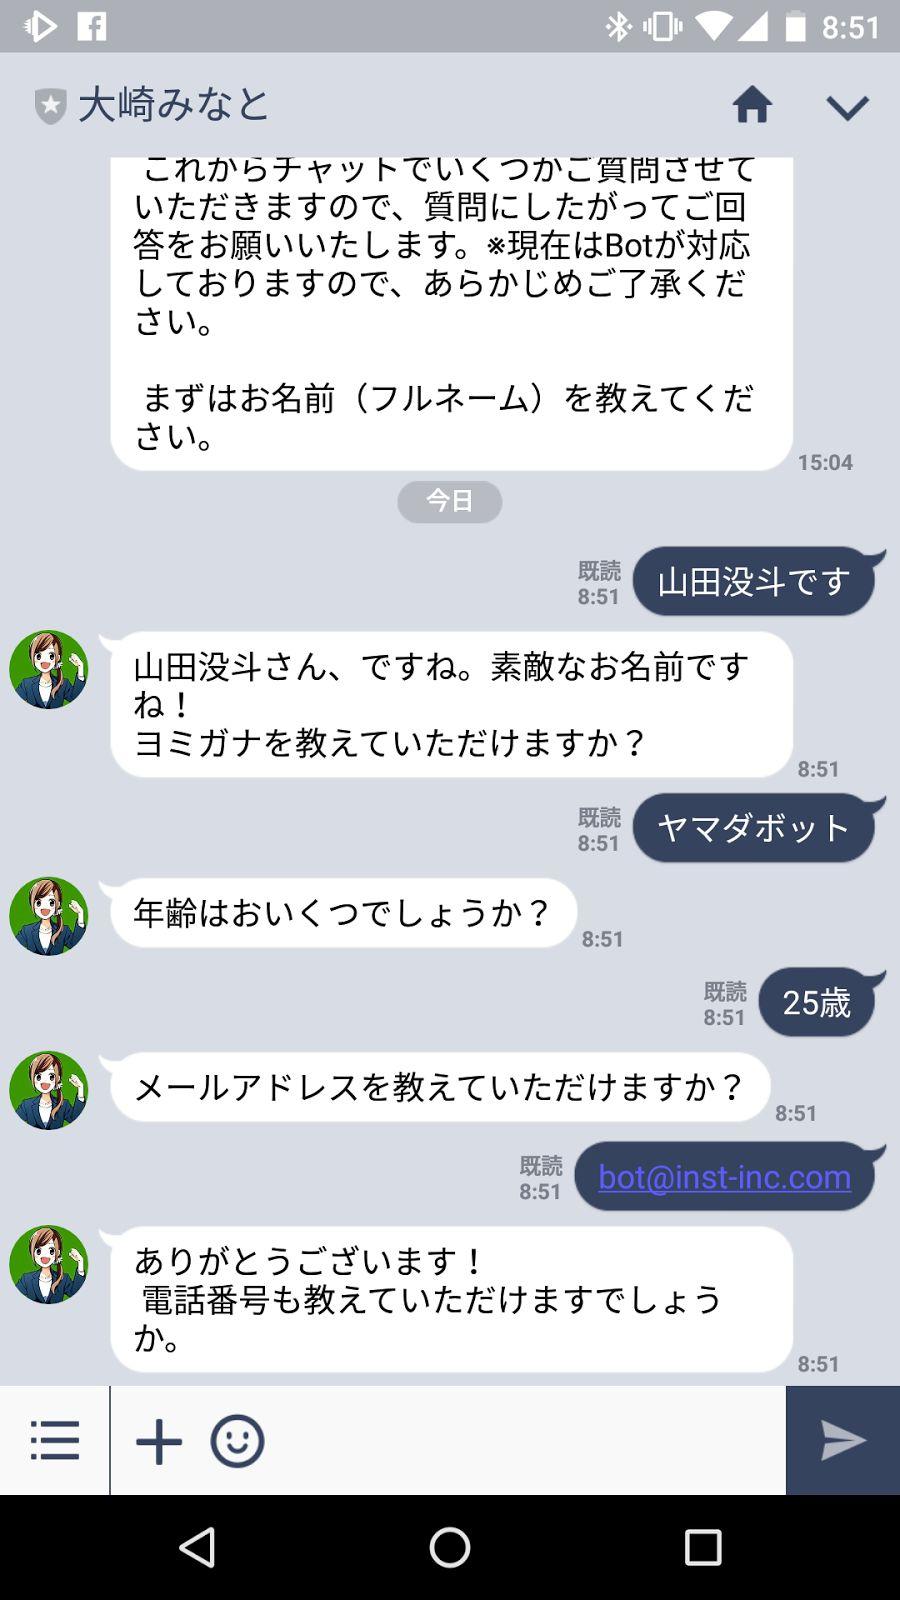 ワークポート様_INST-プレスリリース案3